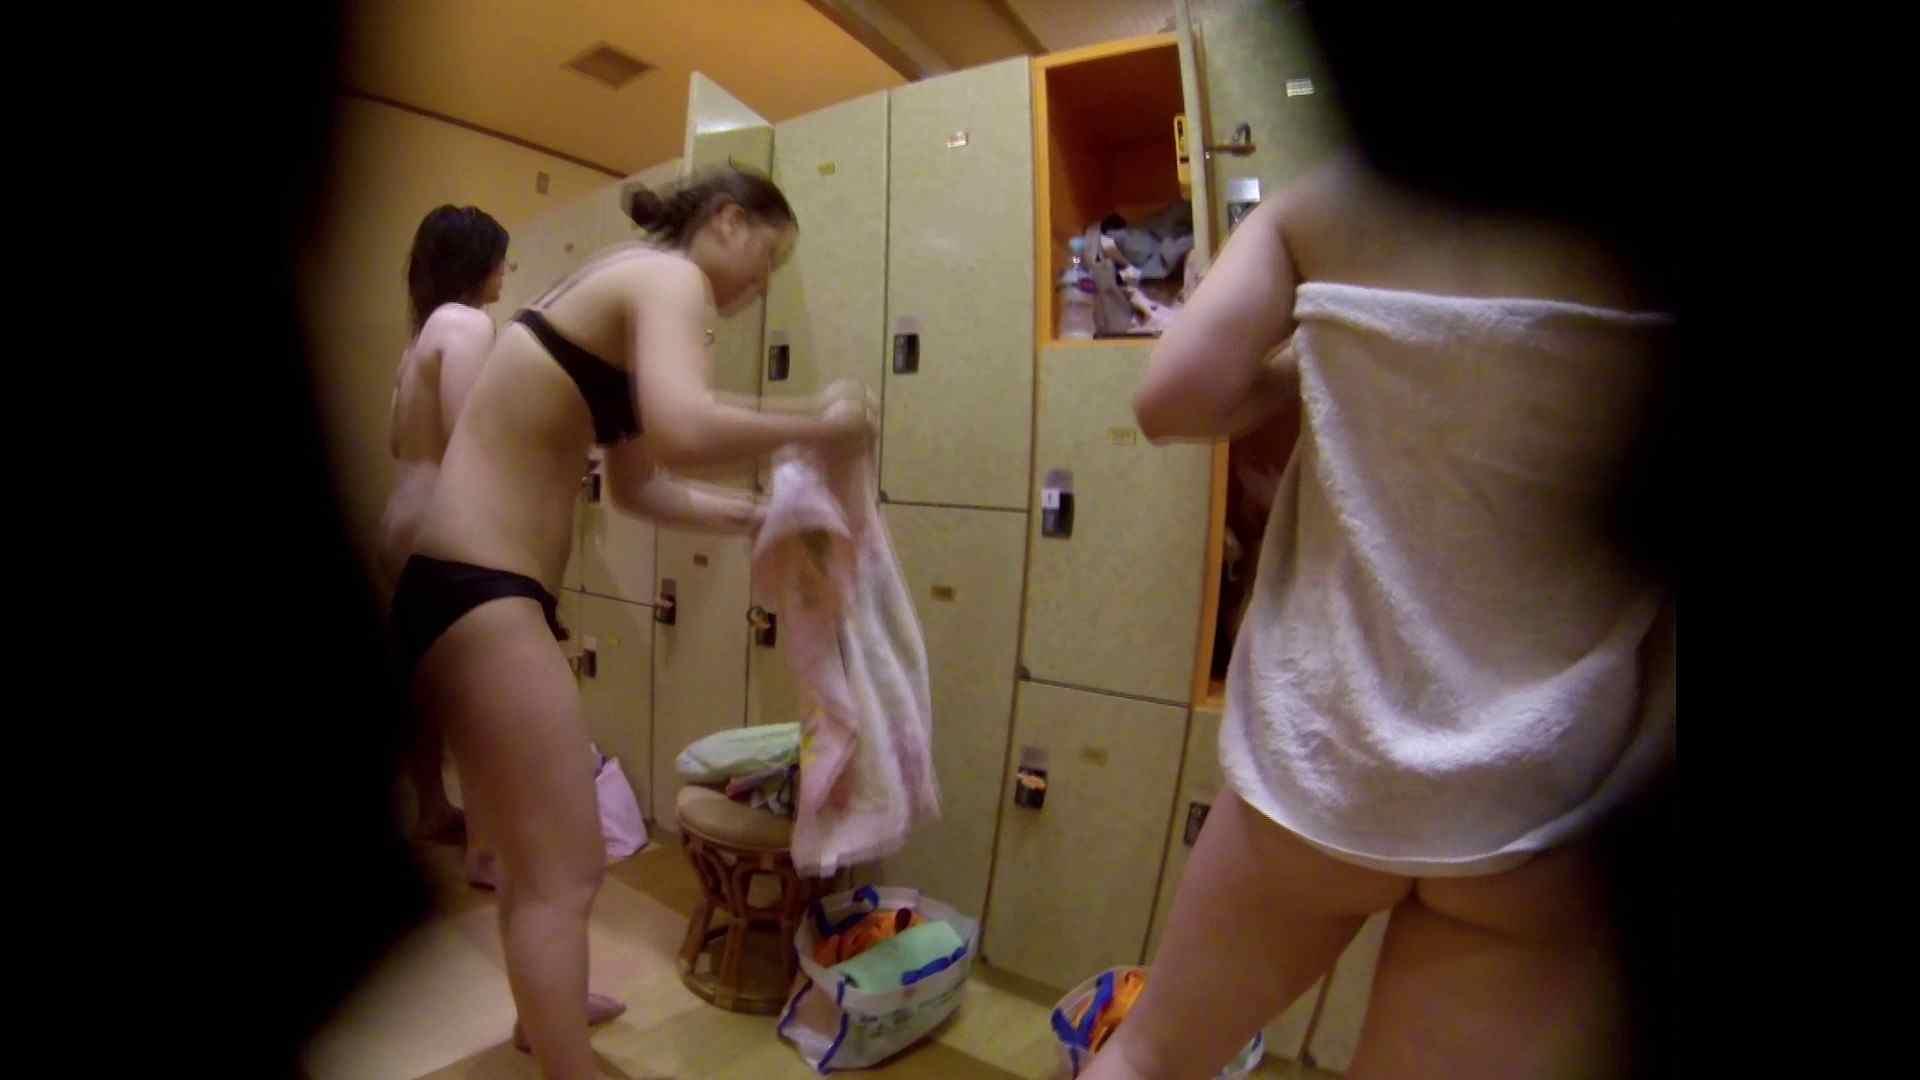 追い撮り!脱衣~洗い場、徹底追跡!撮り師さんに拍手!! 追跡  67PIX 58